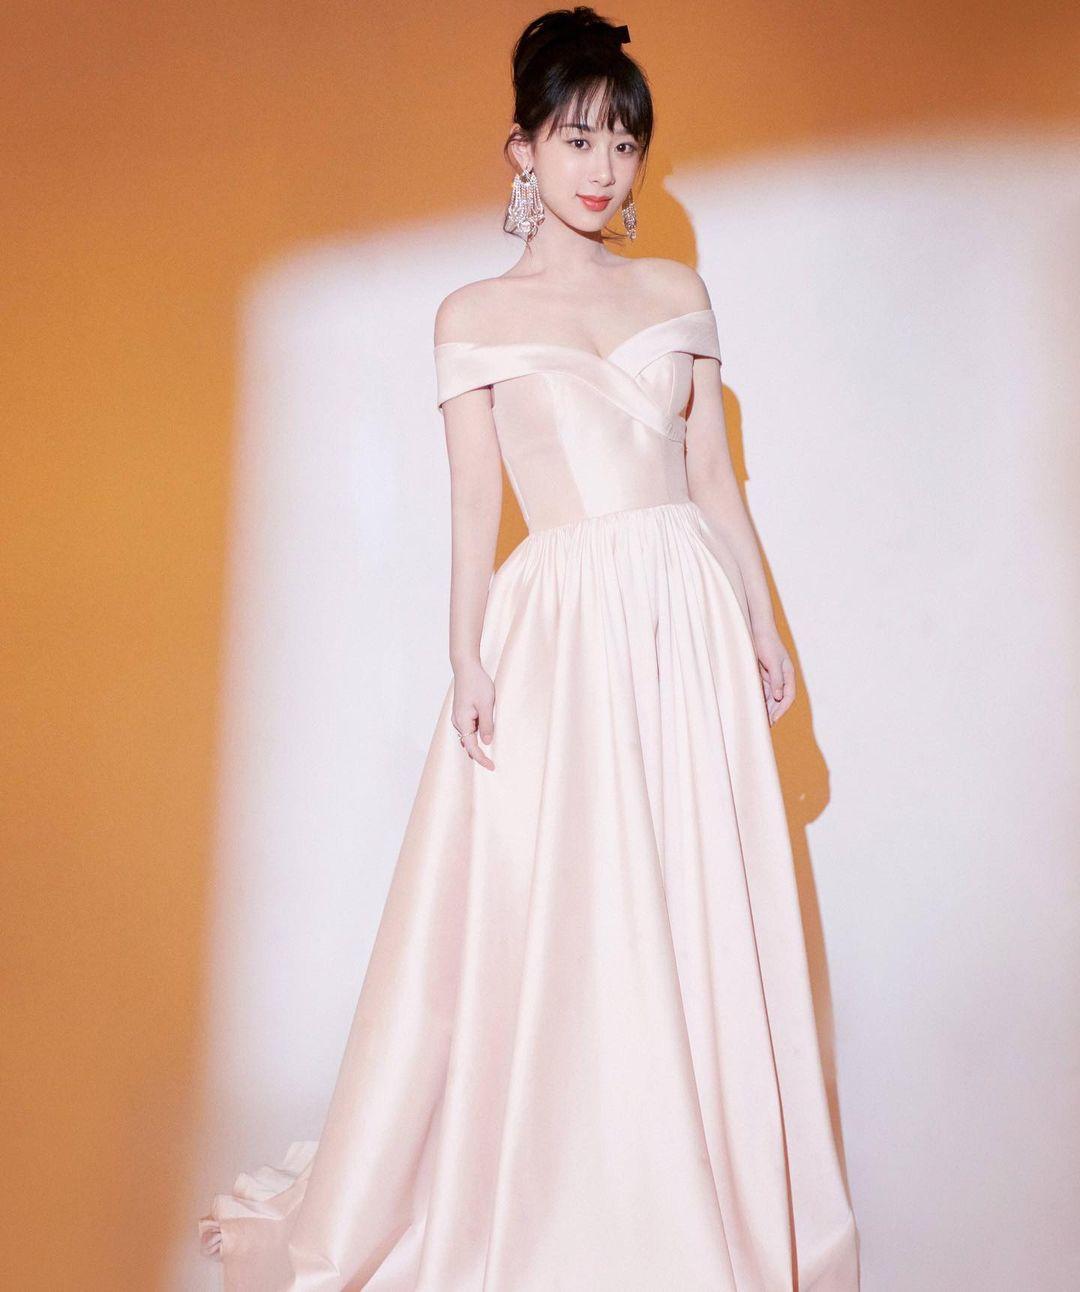 """Dương Tử """"trung thành"""" với kiểu váy trễ vai, bị cộng đồng mạng chê là """"một màu"""""""